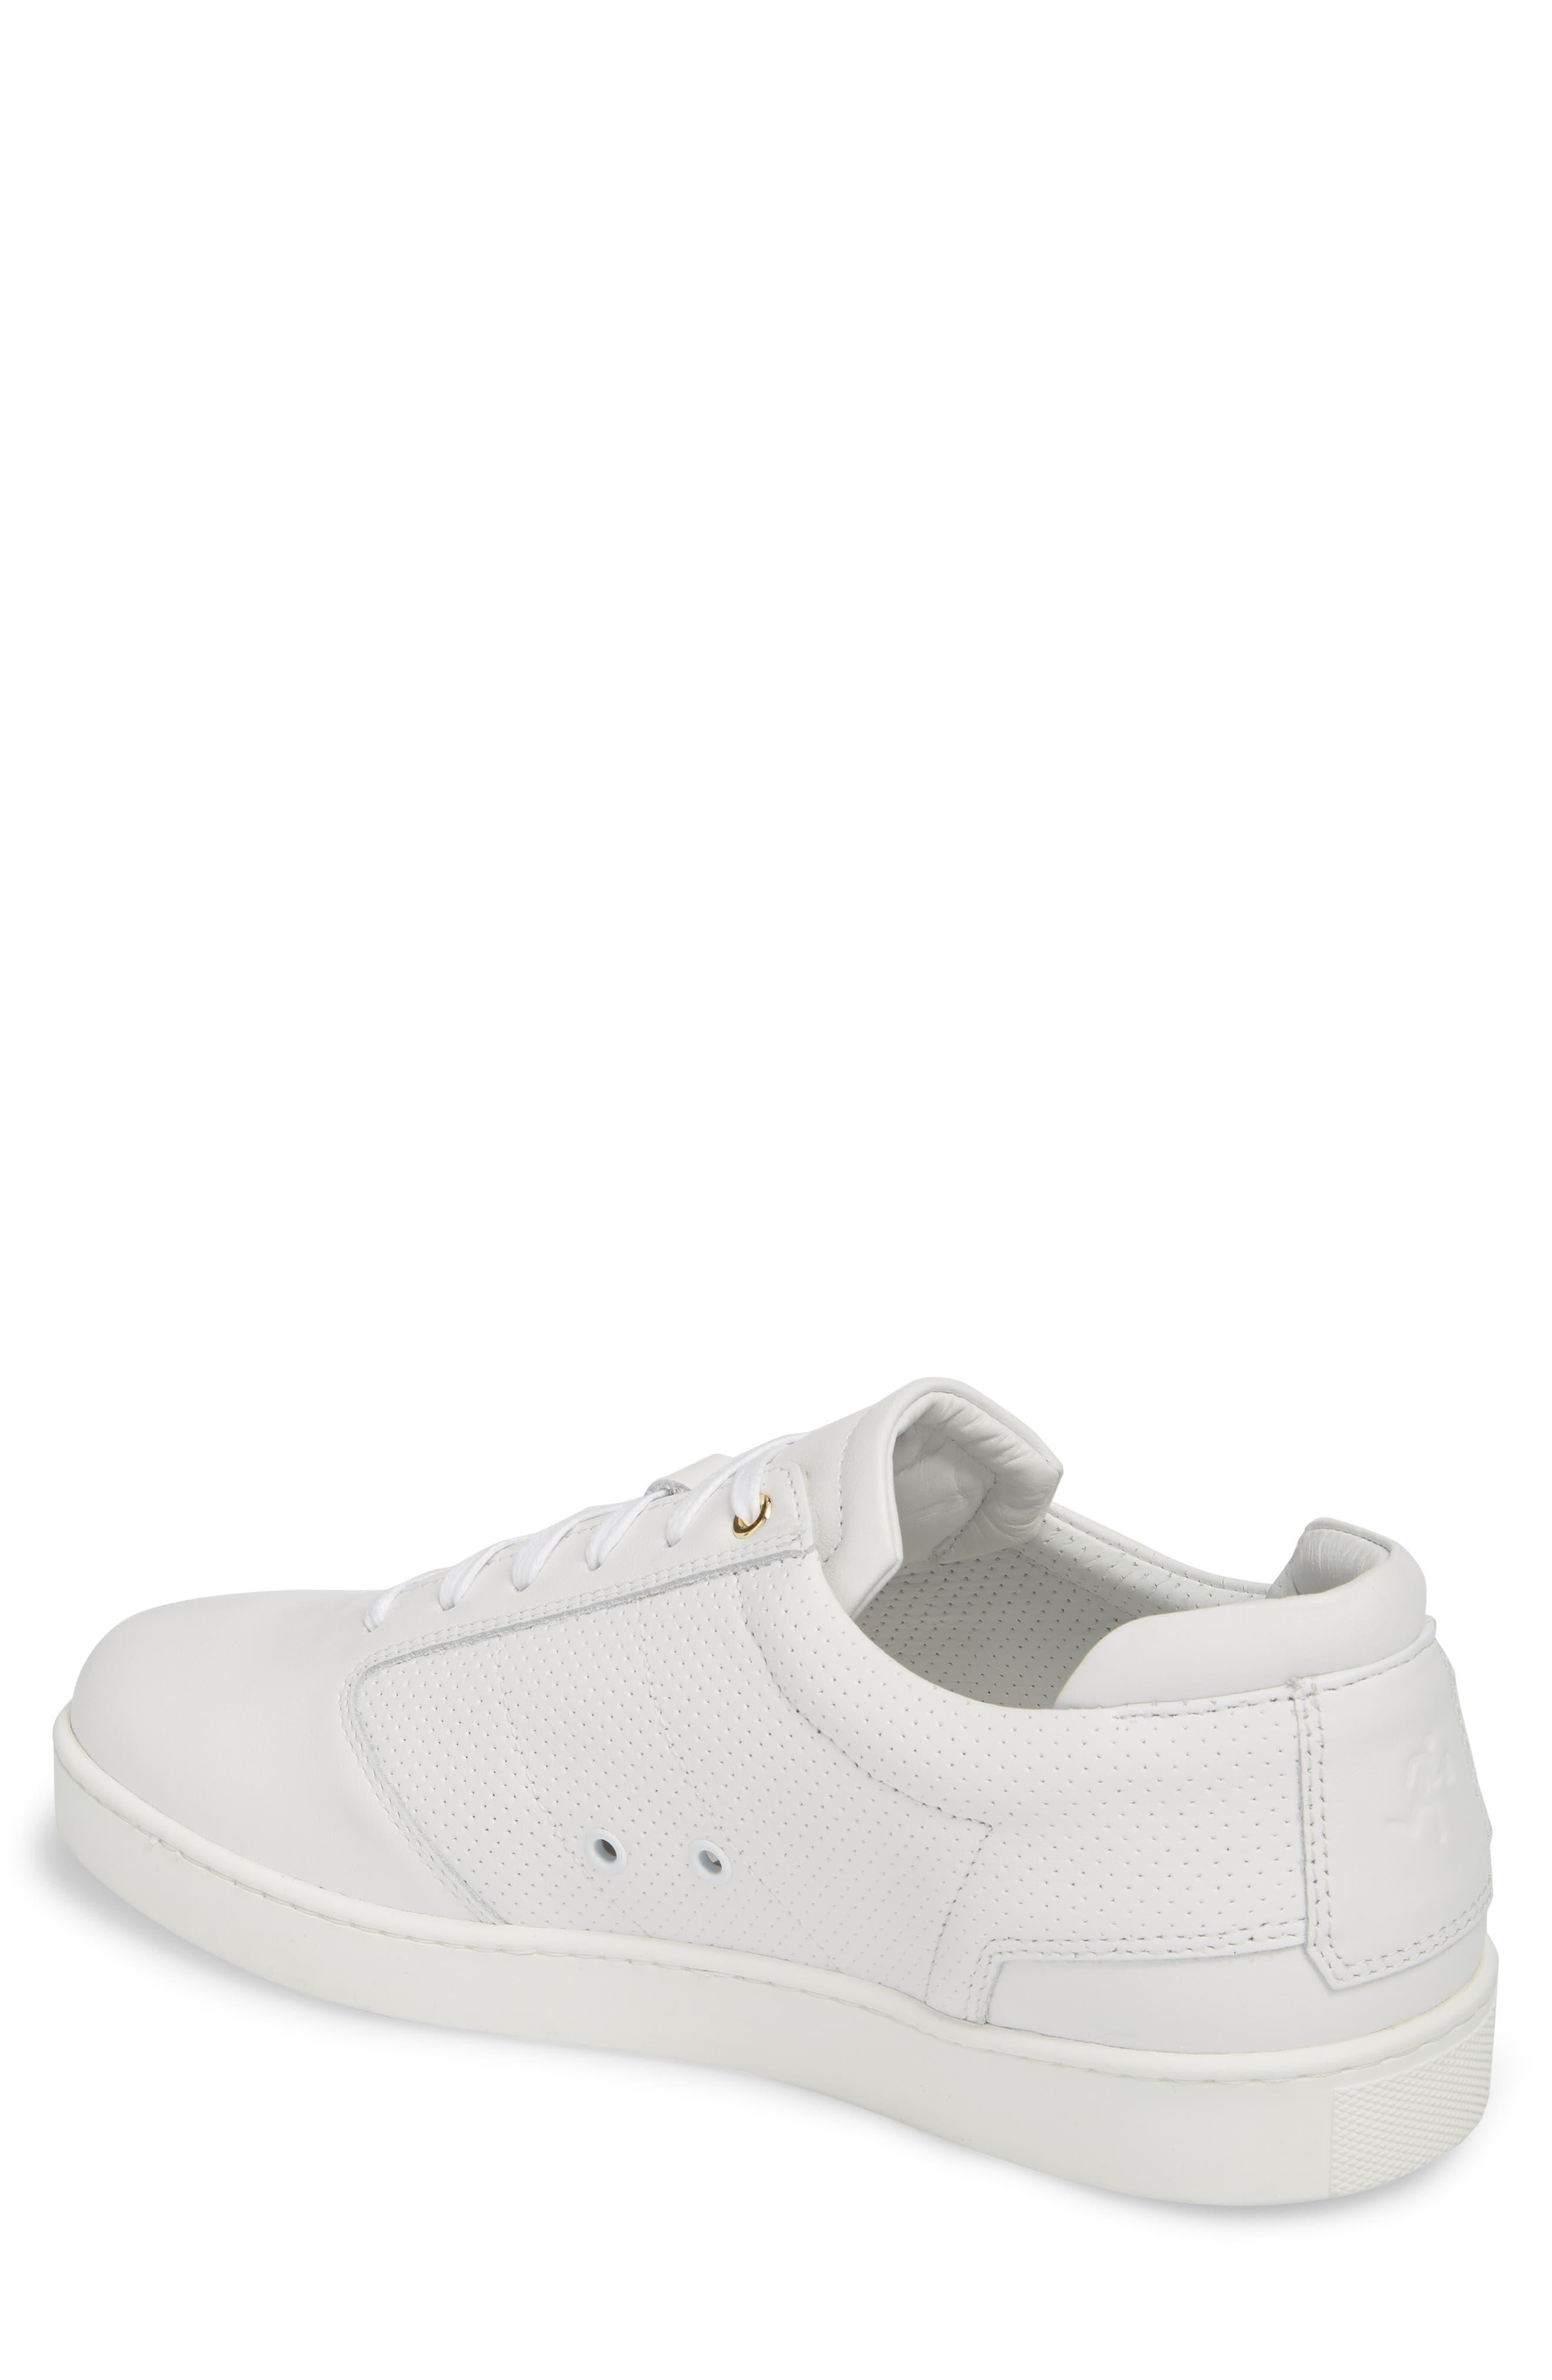 Lennon Sneaker,                             Alternate thumbnail 2, color,                             Multi Perforated White